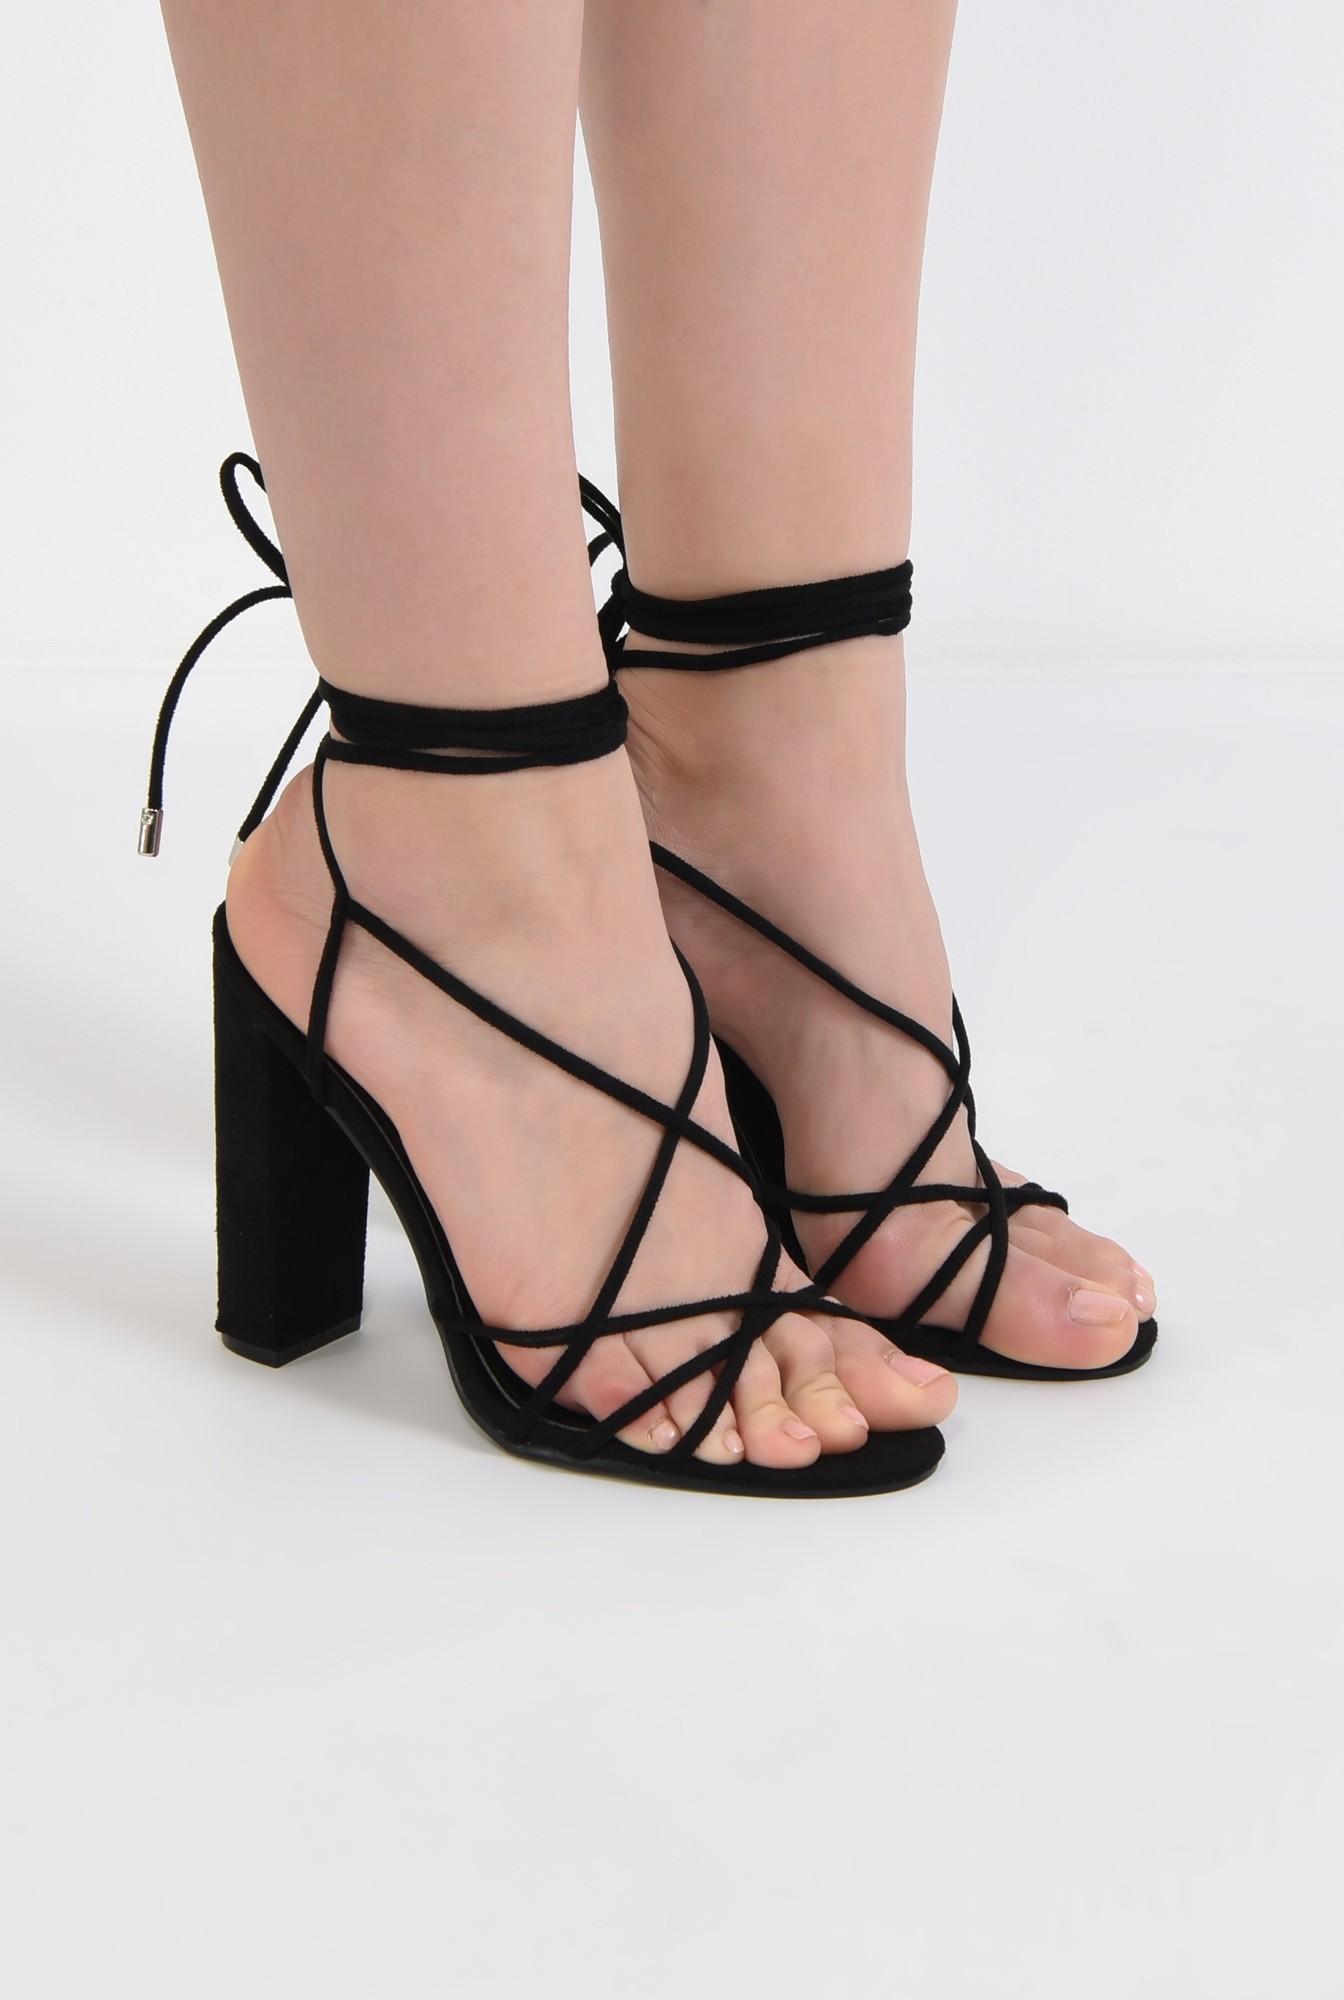 1 - sandale elegante, negre, cu toc gros, barete tip snur